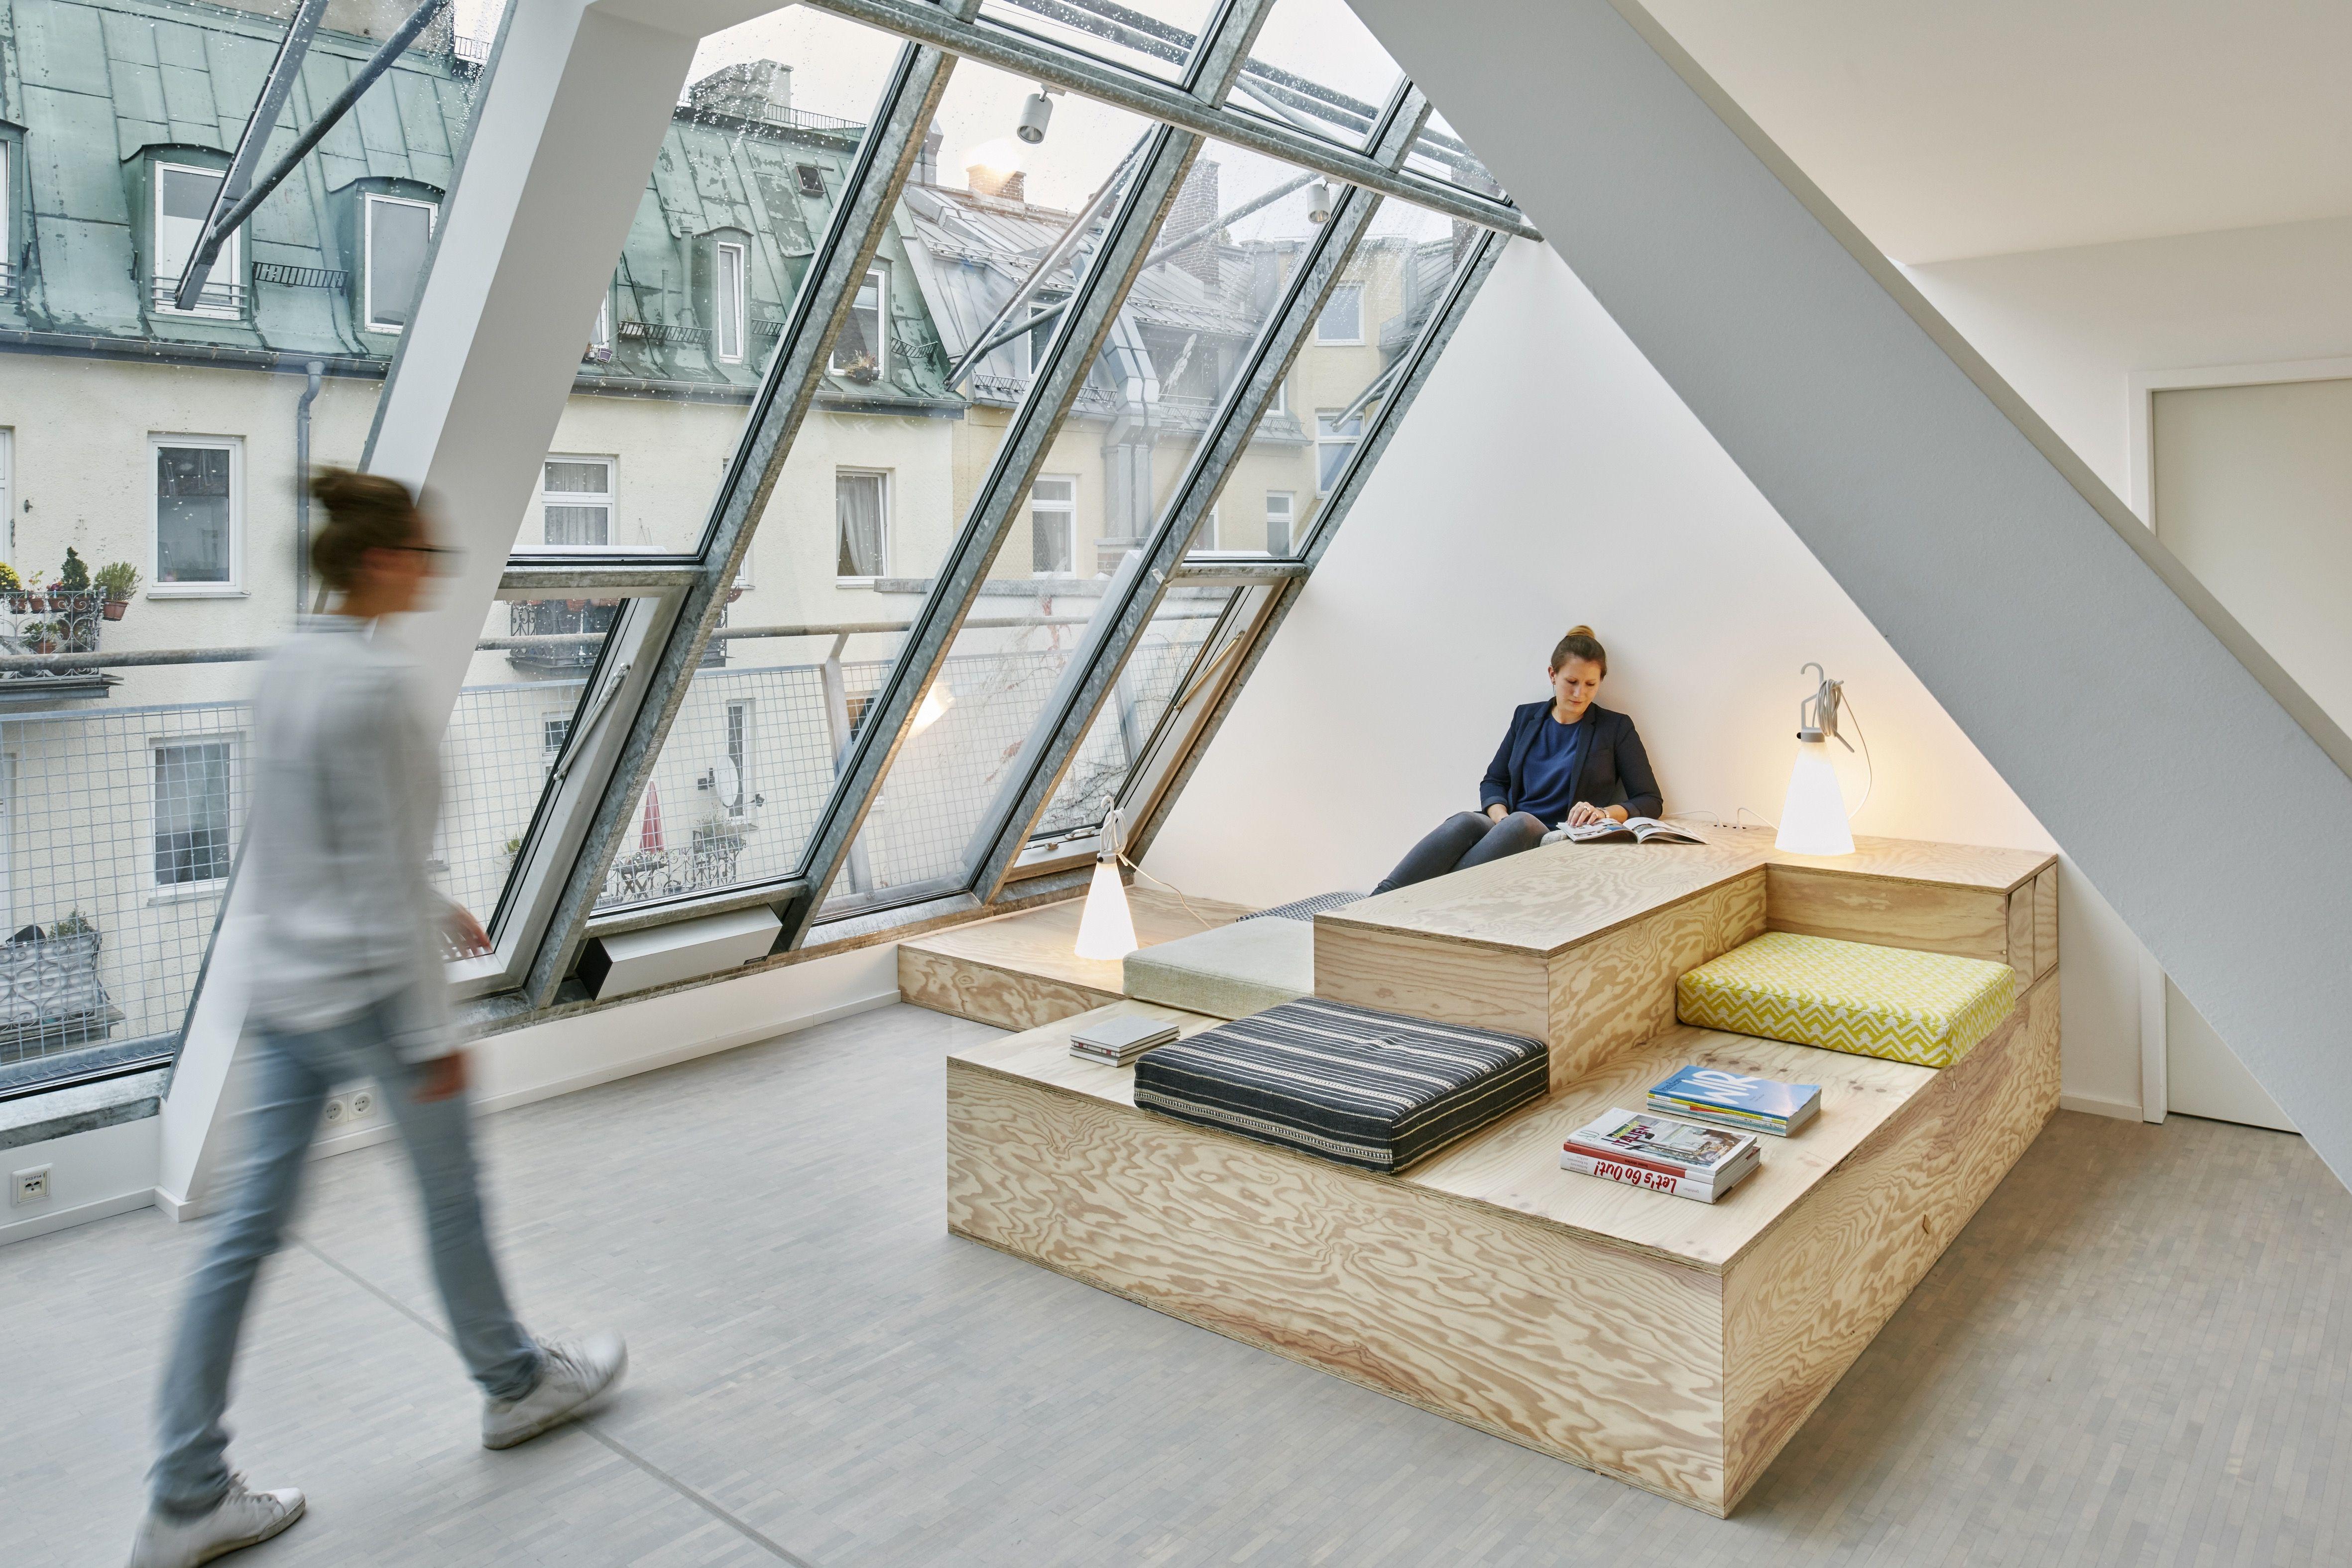 Sitztreppe aus Seekiefer im Projektraum  Foto © Daniel Schäfer